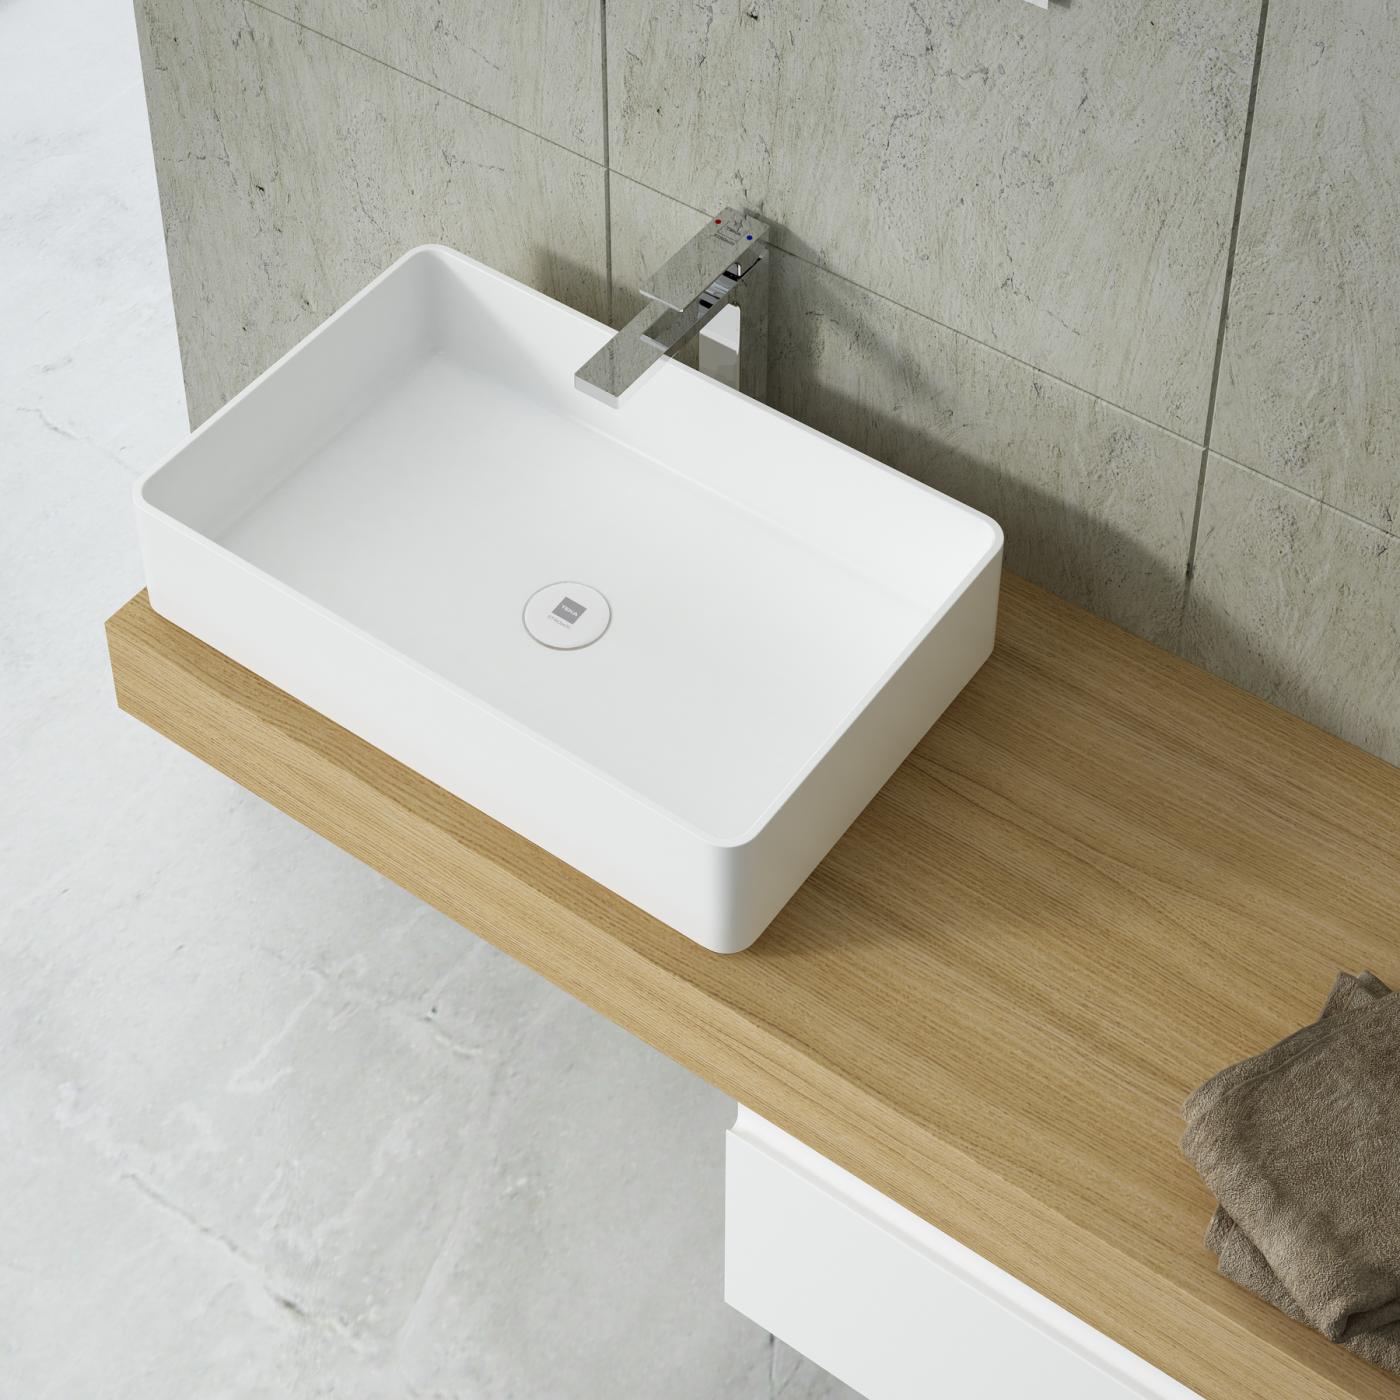 Rectangular countertop basin